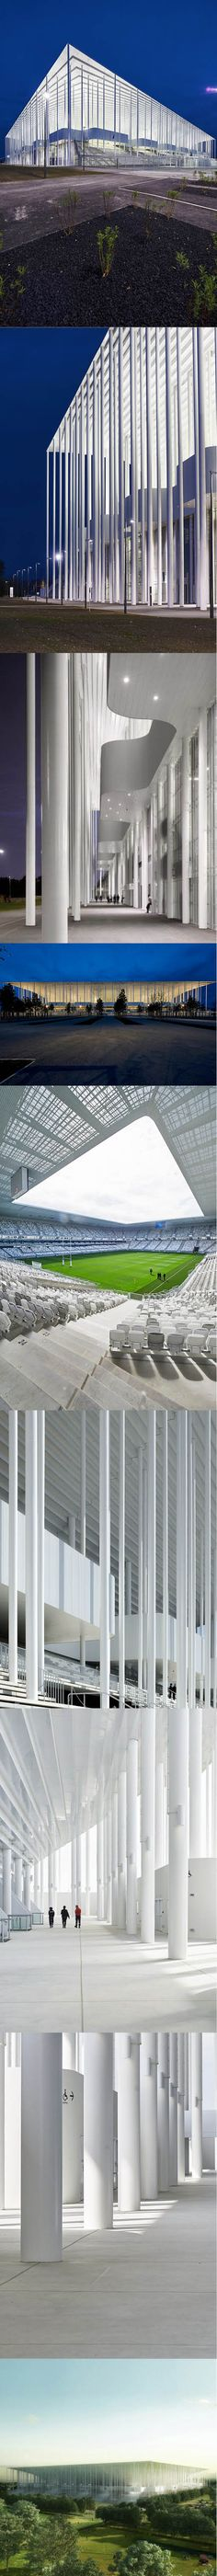 2013-2015 Herzog & de Meuron - Stadium Bordeaux / white / steel / concrete / Suisse / France